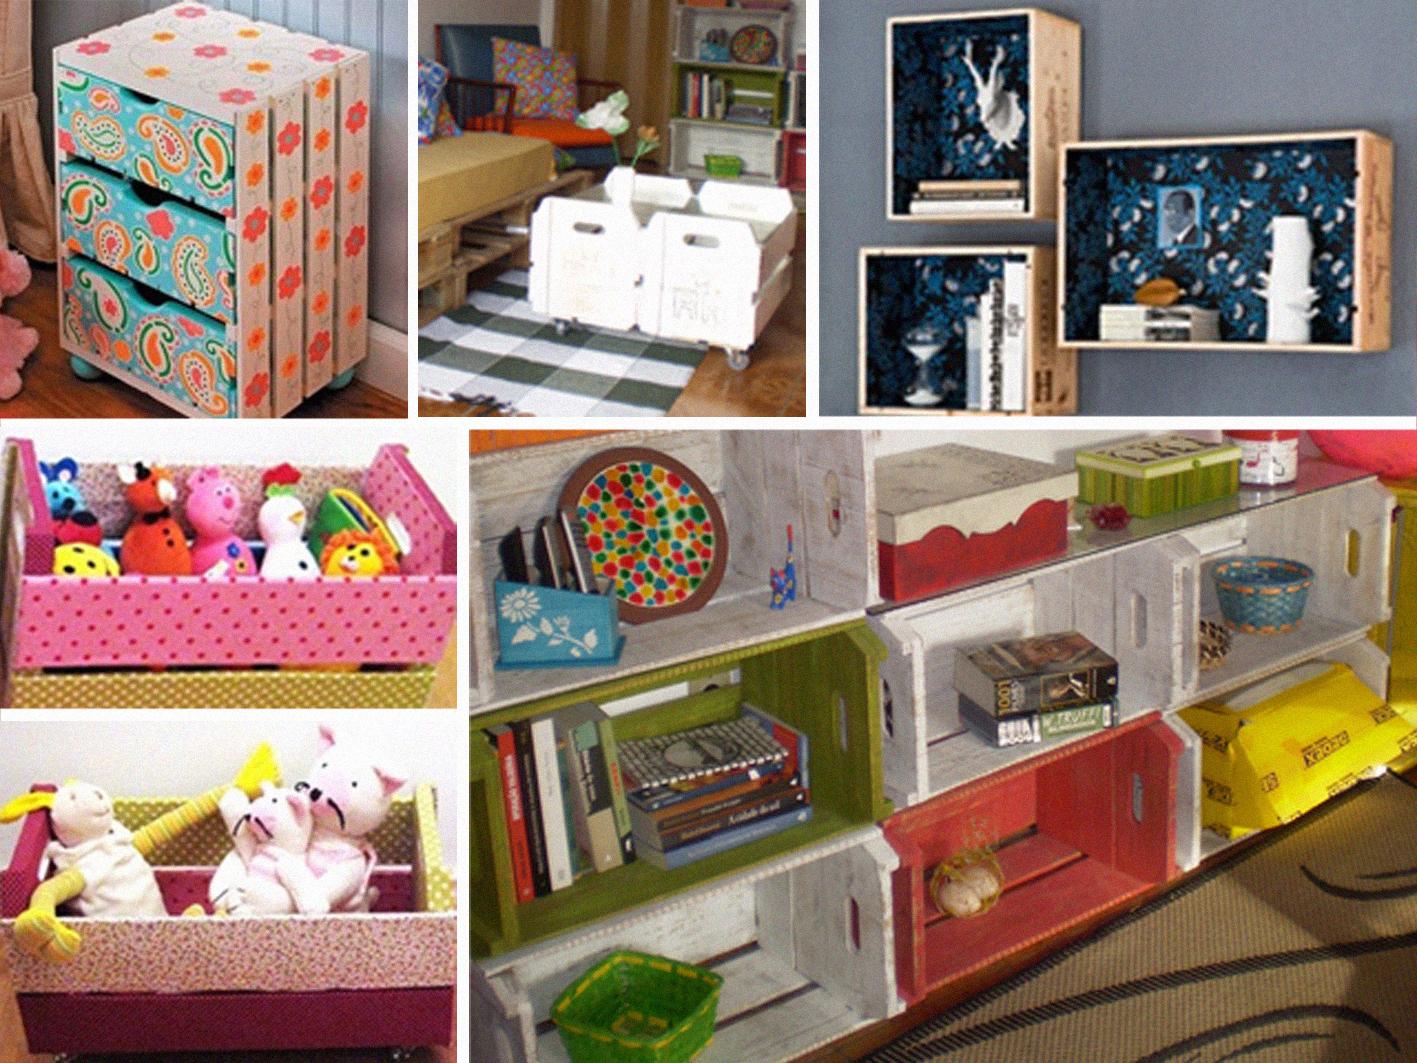 NICE&BEAUTY: reutilizar caixas da fruta #A1312A 1417x1063